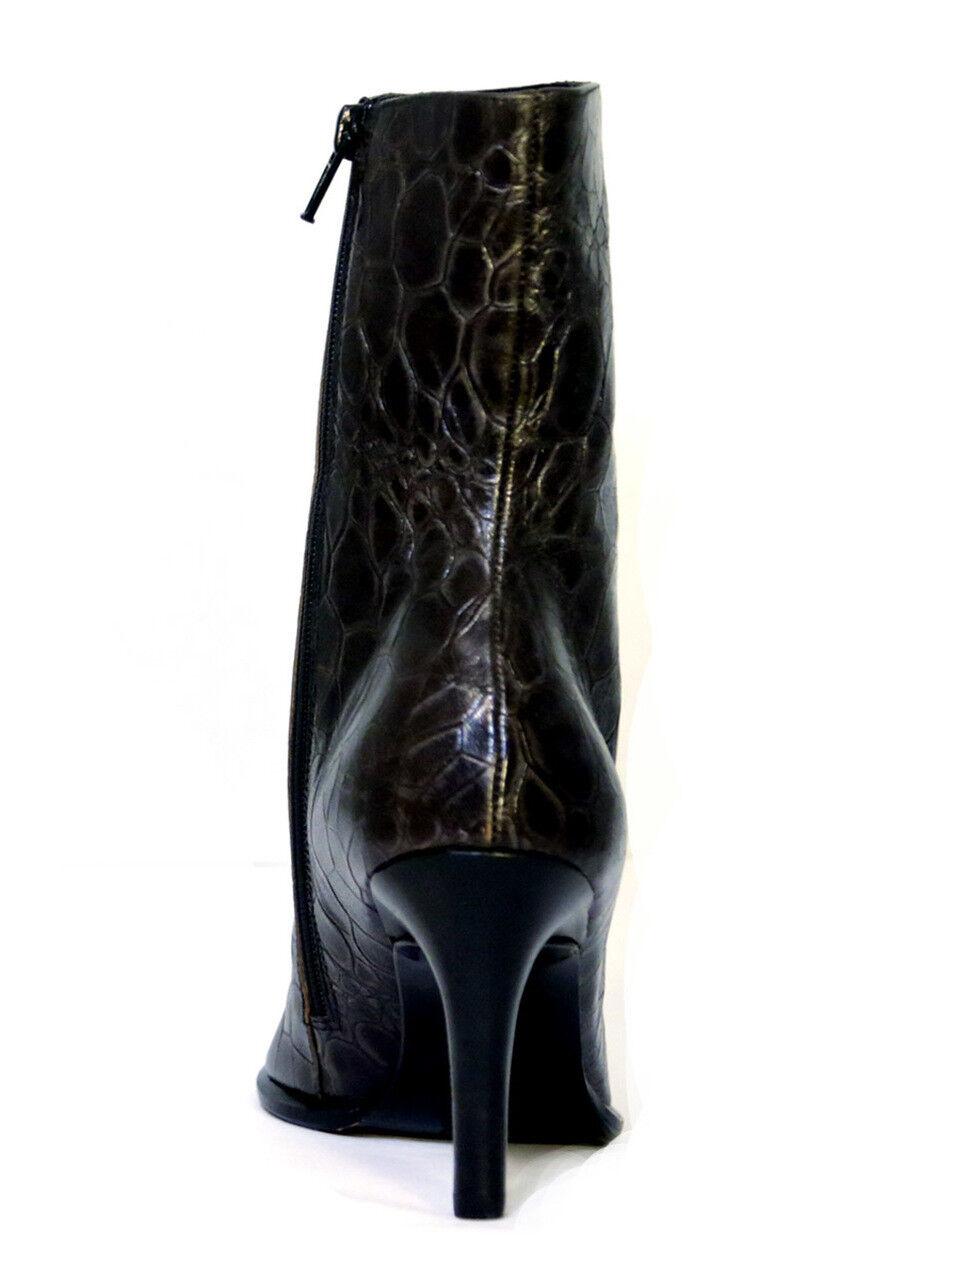 Caiman 6241 6241 6241 Women's Ankle Boots Black 12880c